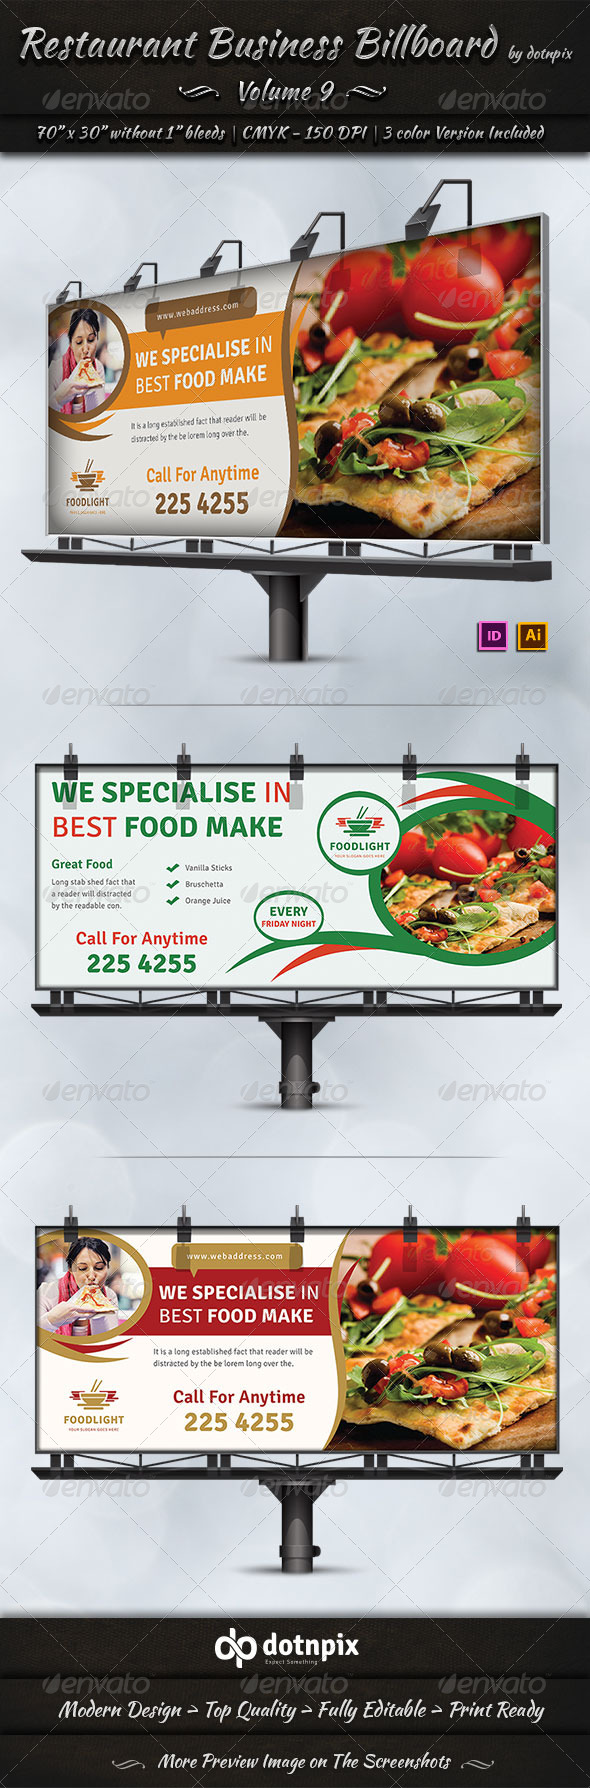 GraphicRiver Restaurant Business Billboard Volume 9 7844892